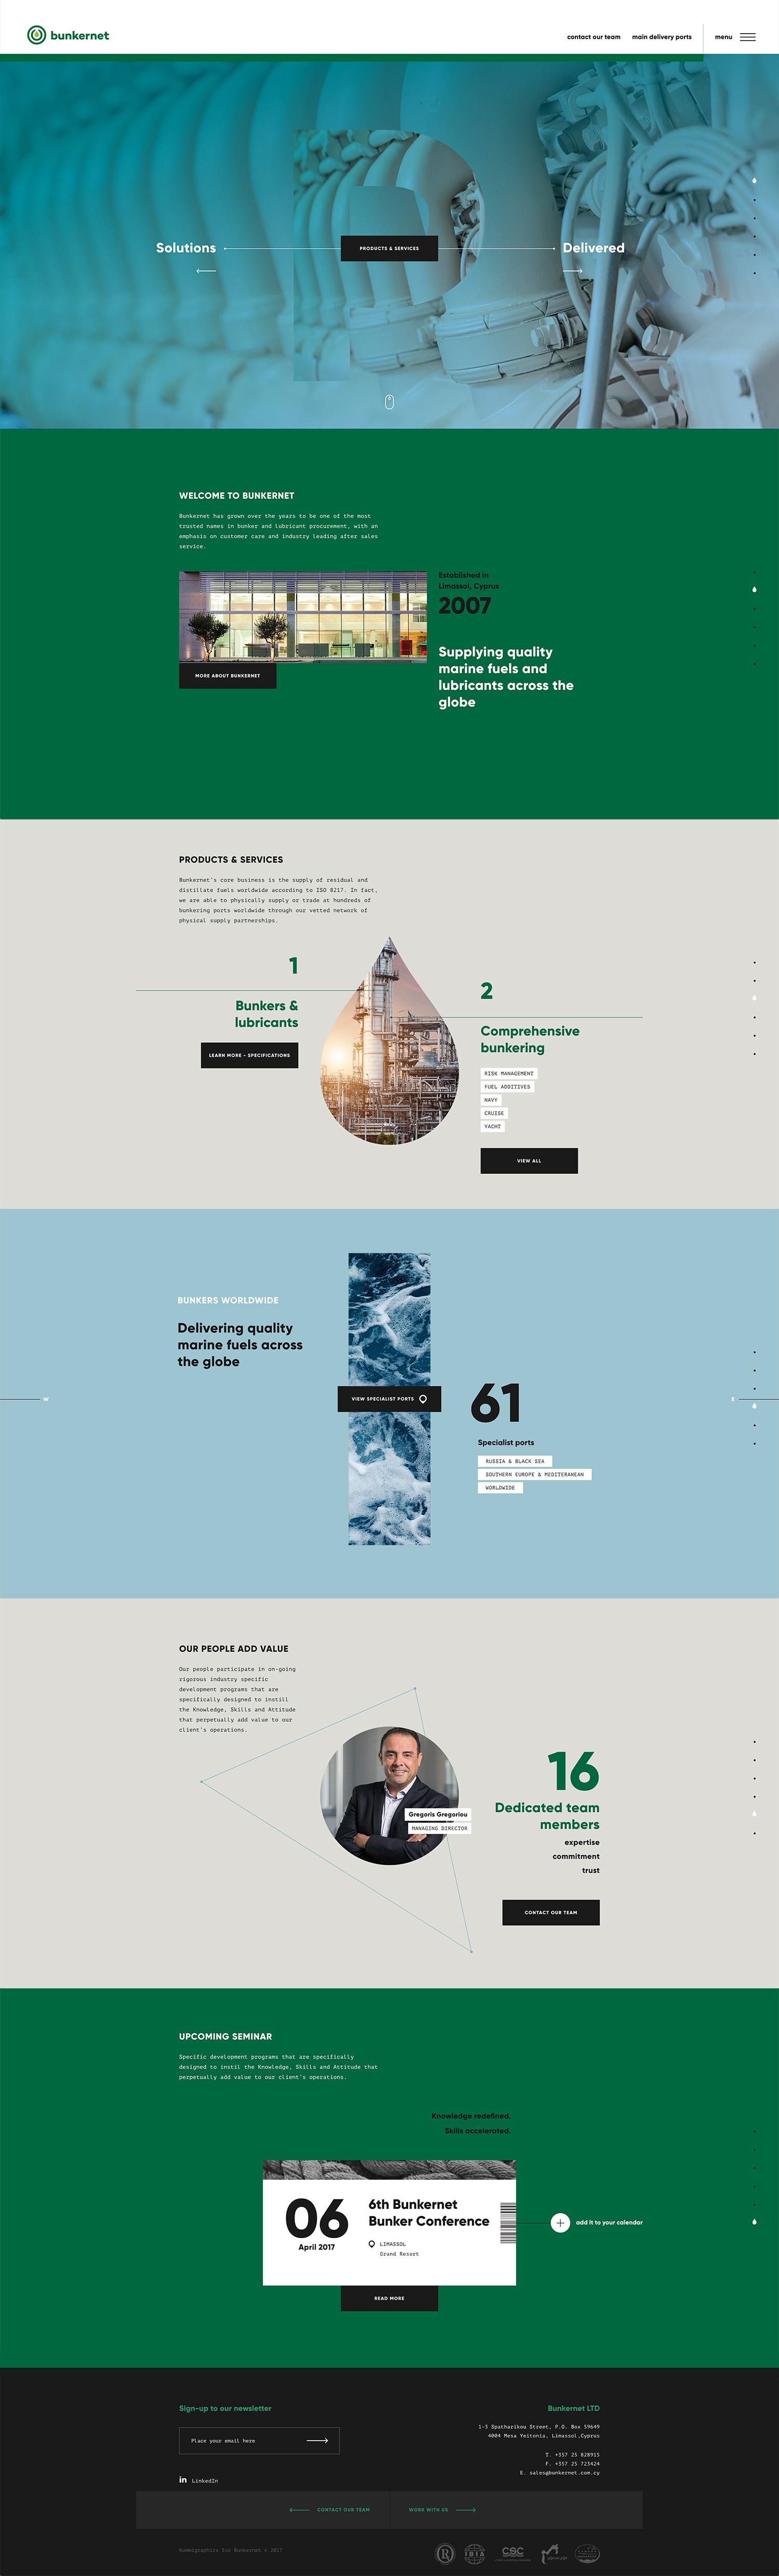 Kommigraphics Bunkernet Ltd Web Design Website Design Web Design Inspiration